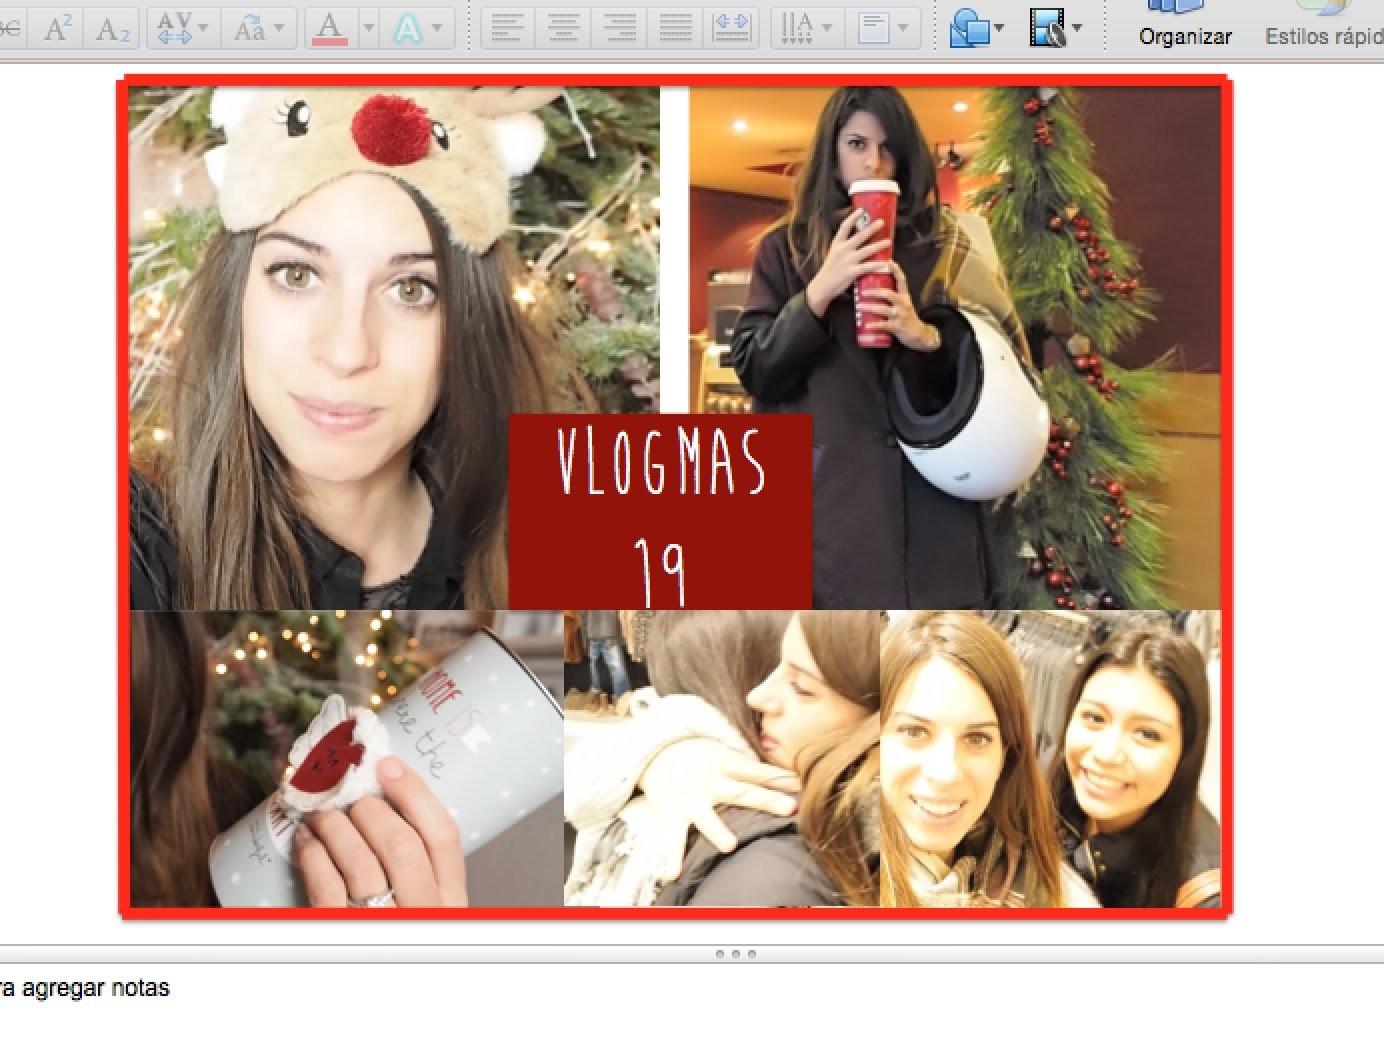 Encuentro & ideas para regalar en navidad | Vlogmas 19